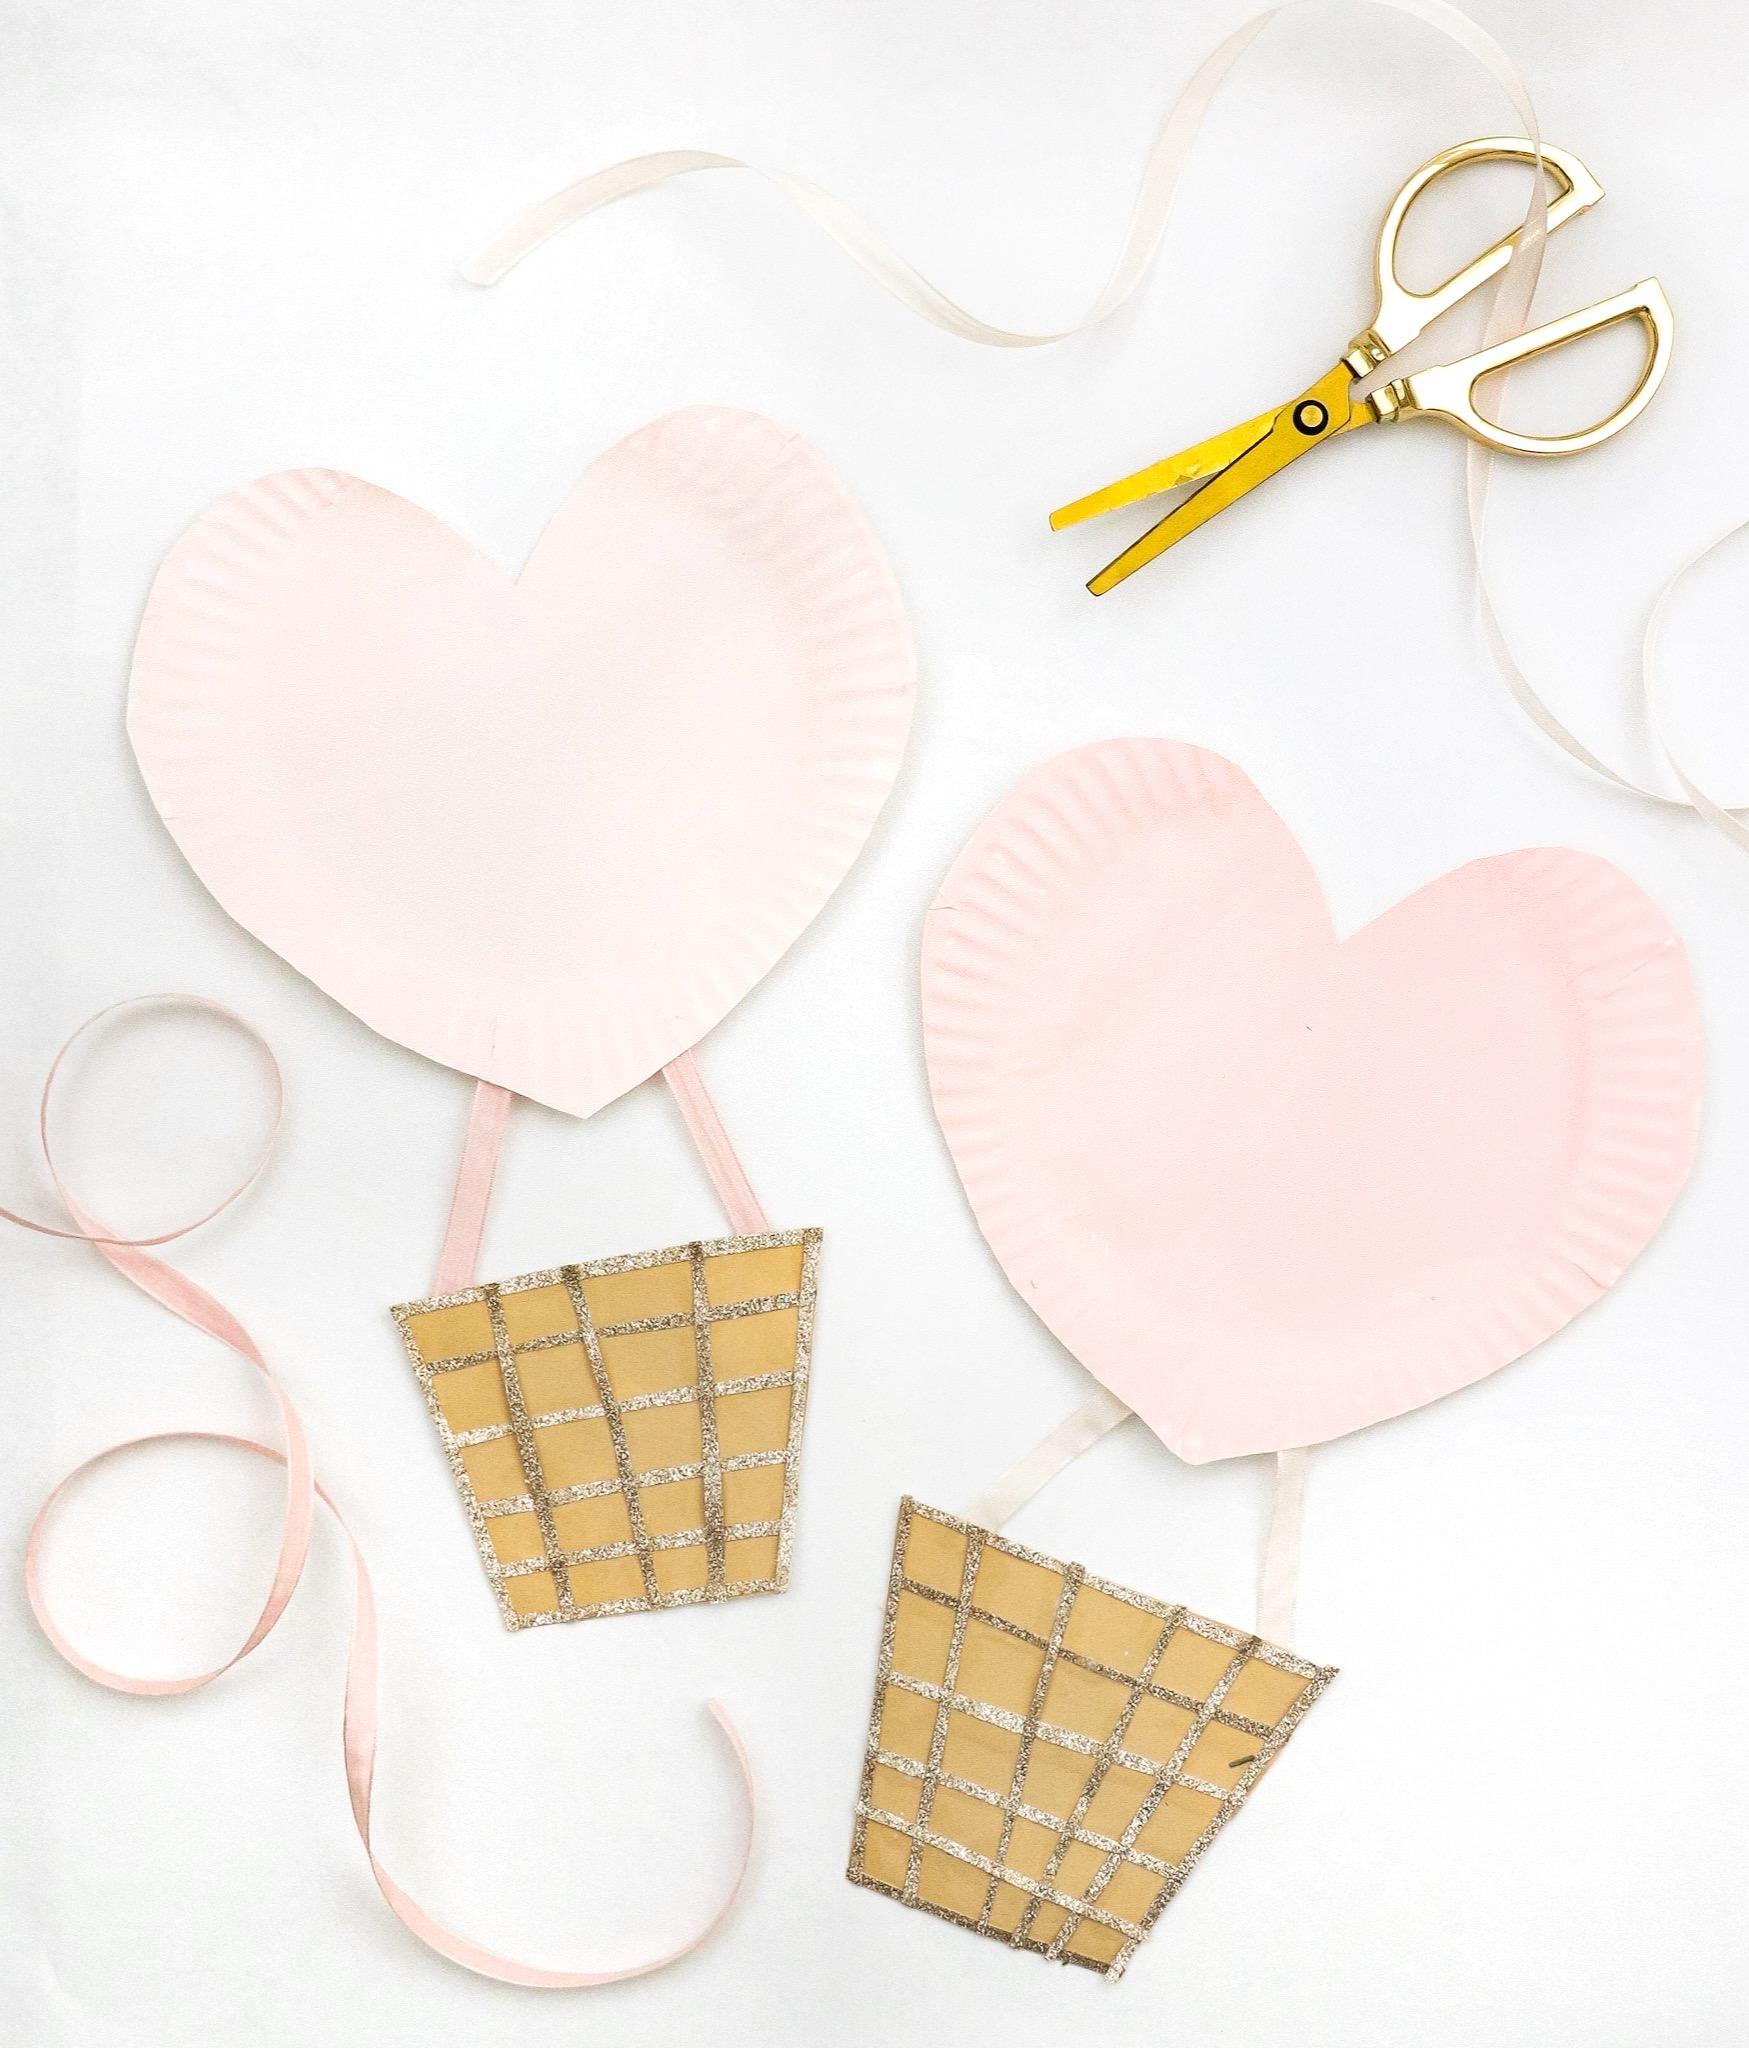 Valentines paper crafts